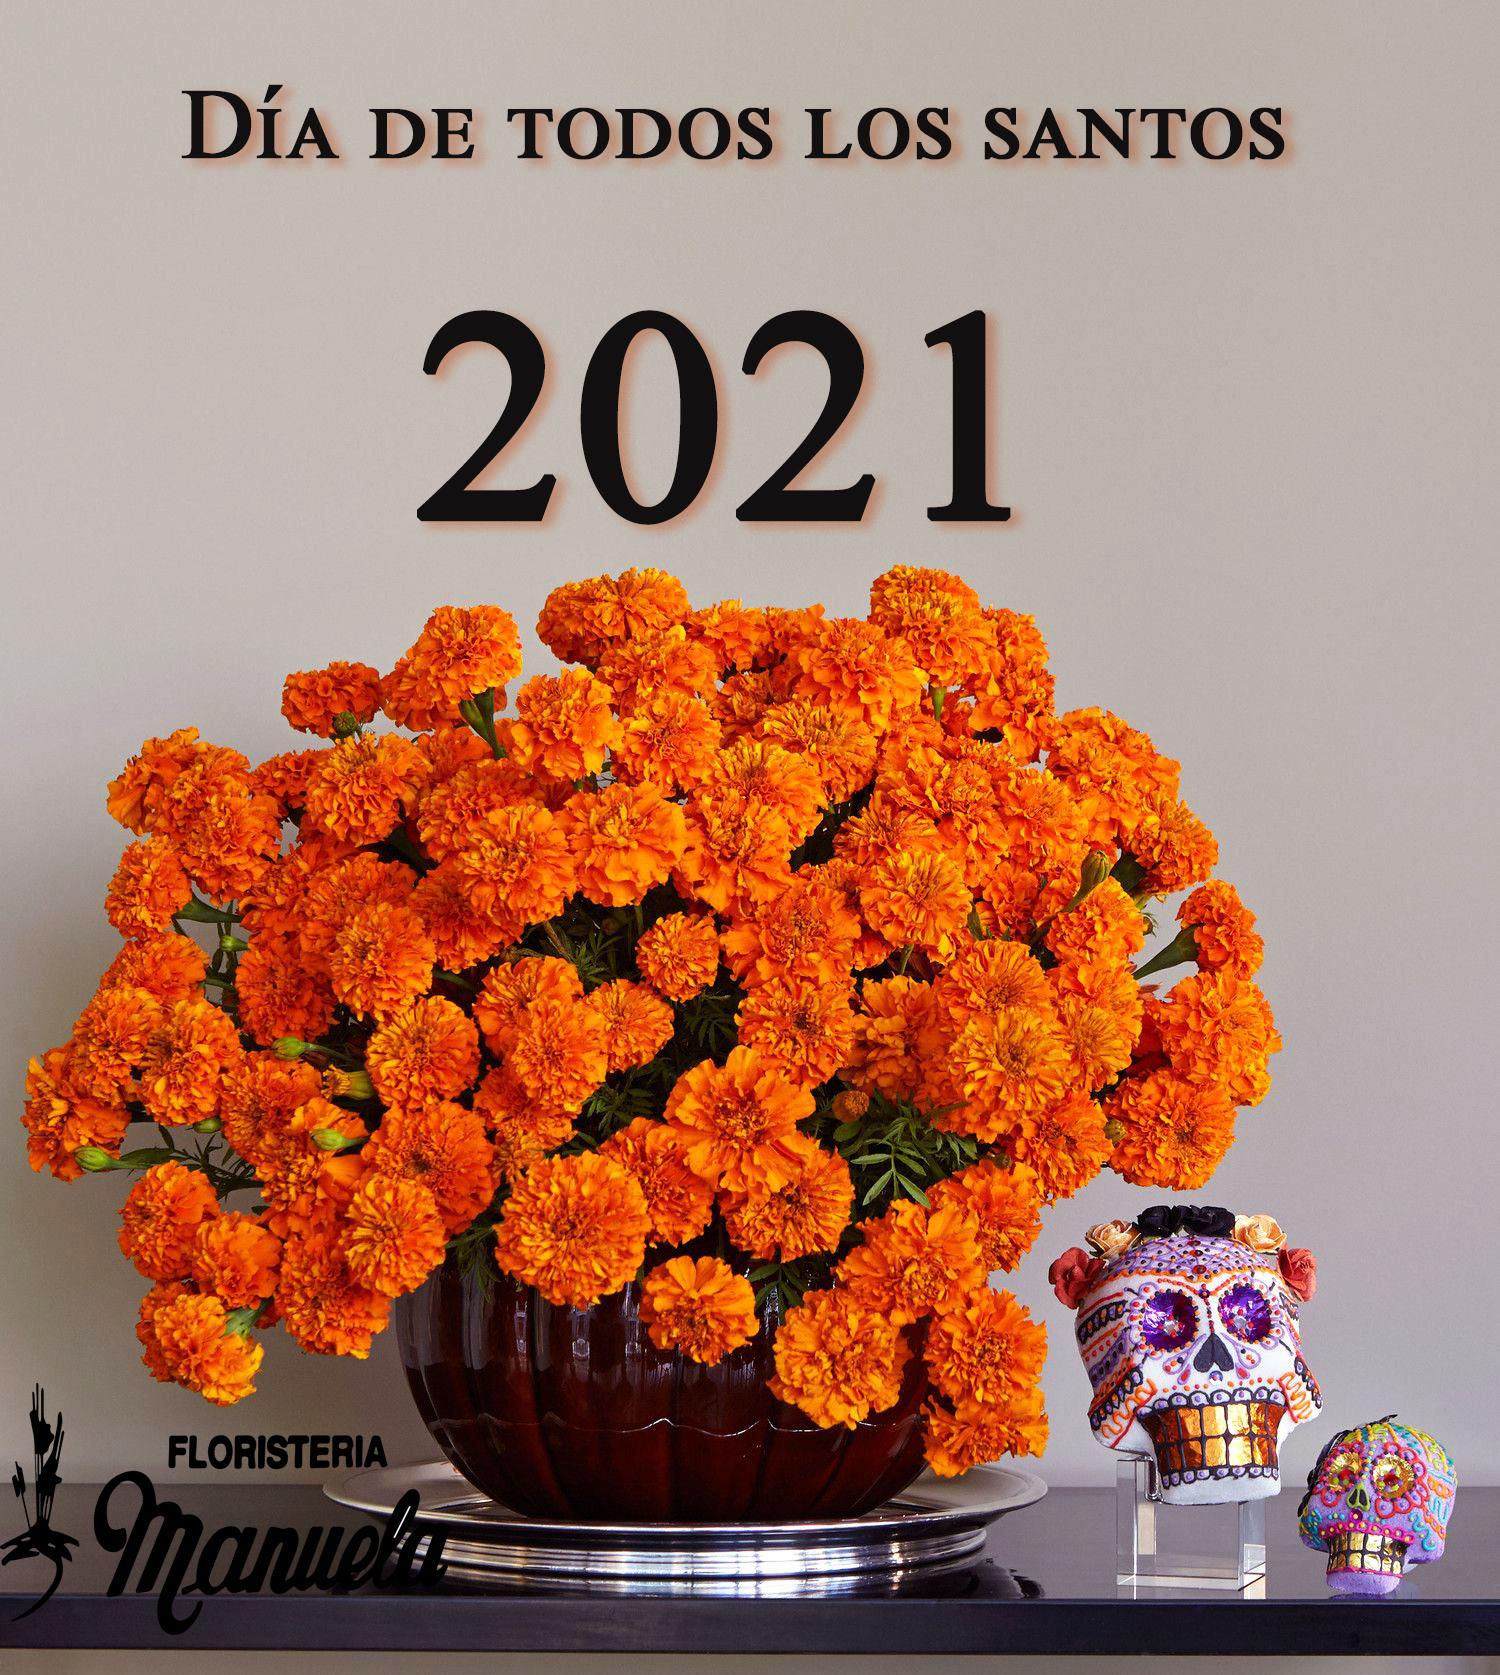 Día de todos los santos 2021